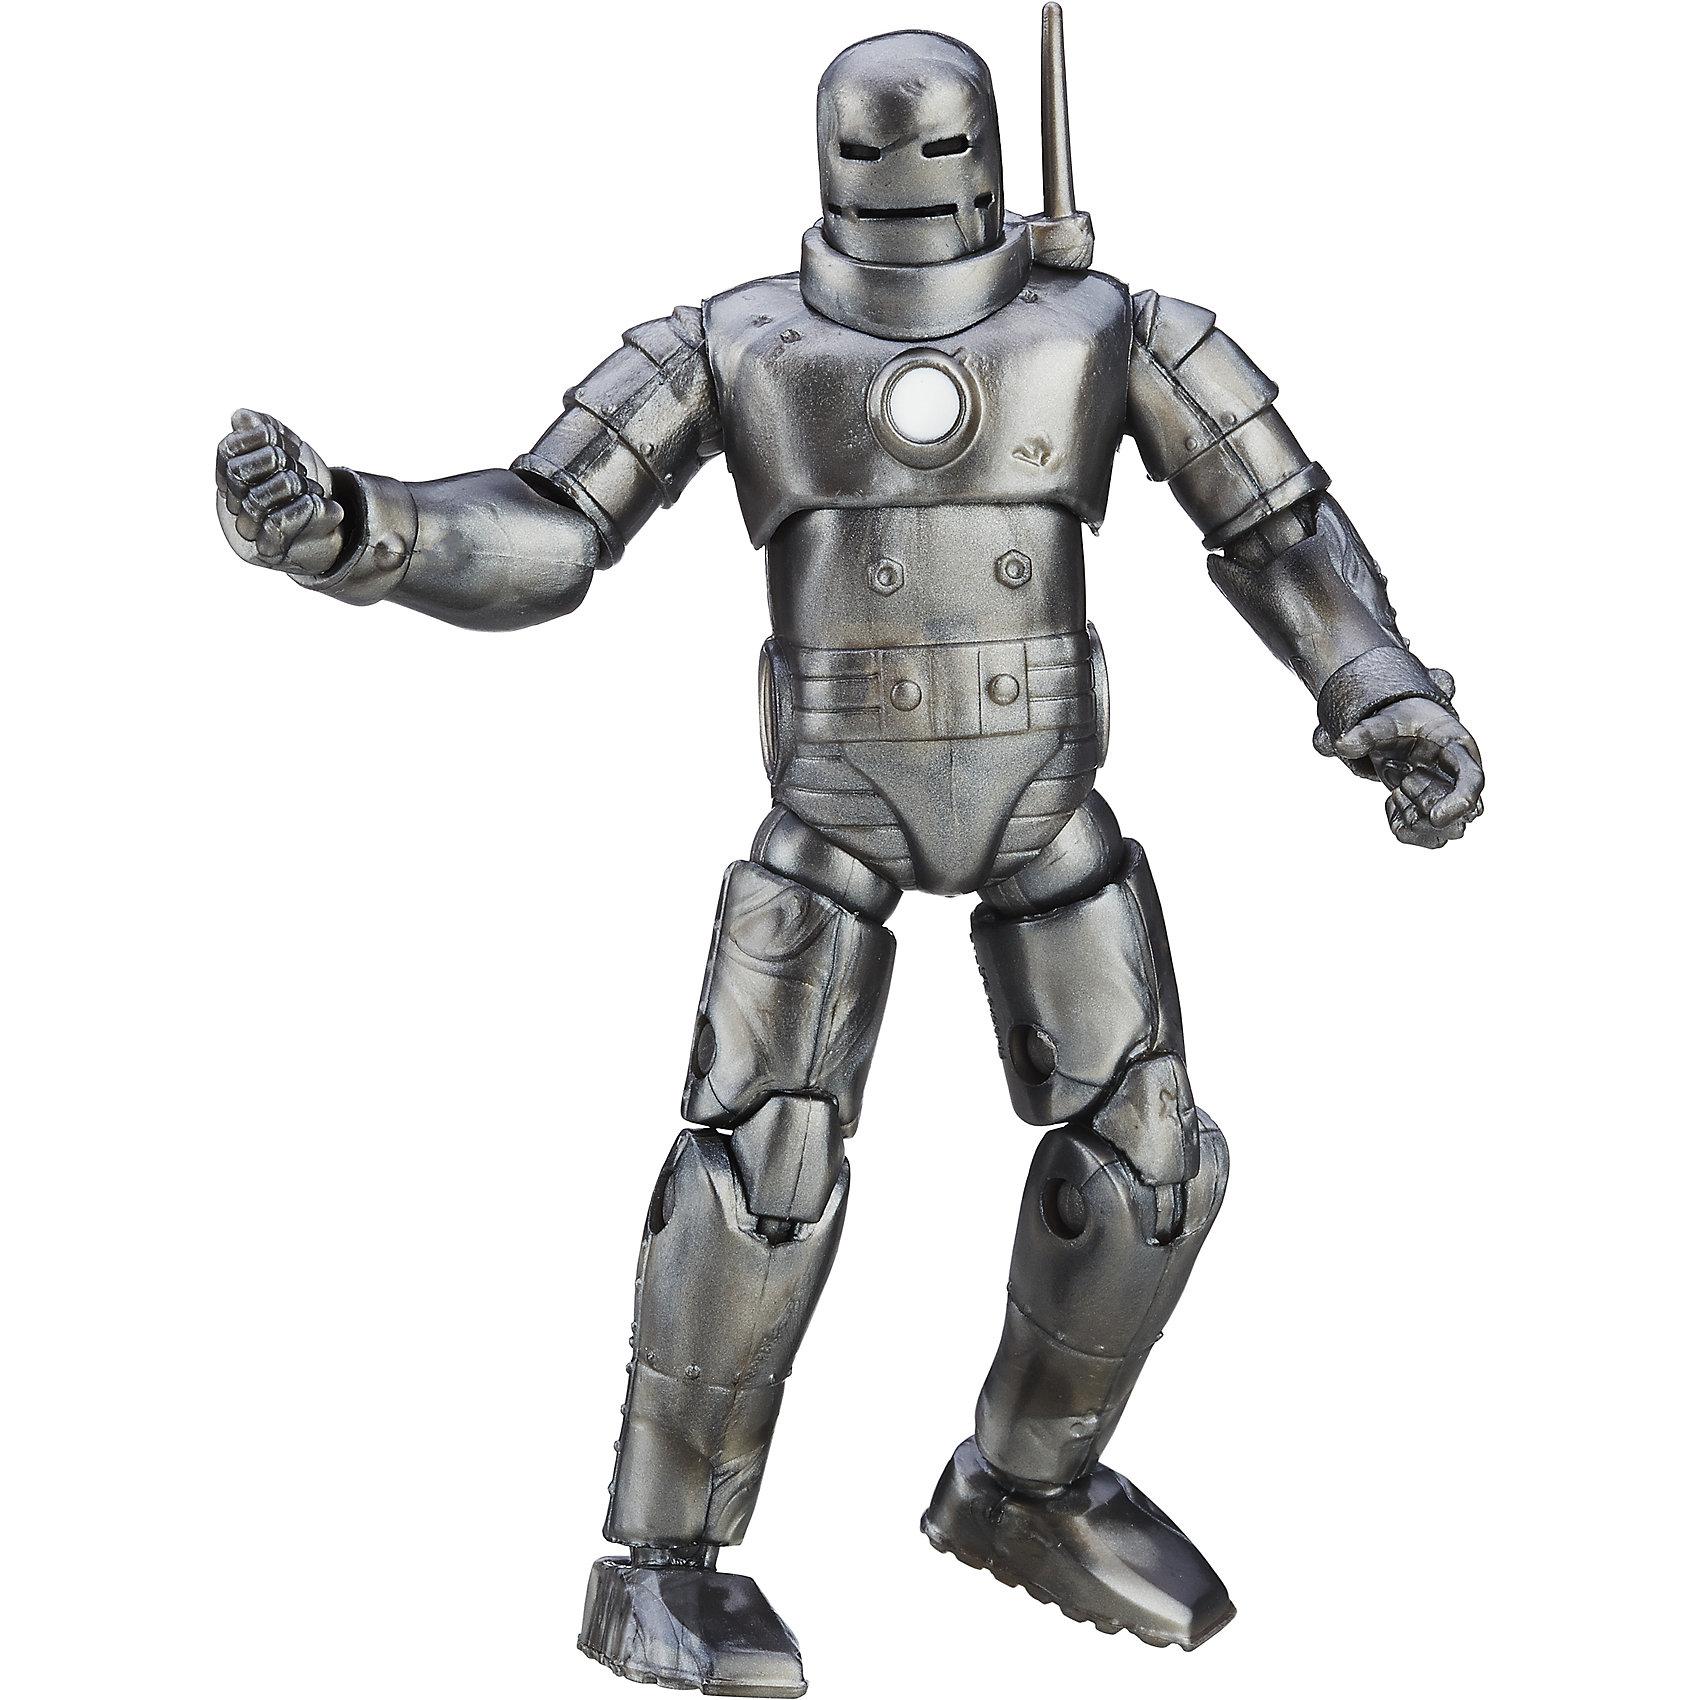 Коллекционная фигурка Мстителей 9,5 см., B6356/B6406Коллекционная фигурка Мстителей, Hasbro, станет приятным сюрпризом для Вашего ребенка, особенно если он является поклонником популярных фильмов о супергероях Мстители. Фигурка героя выполнена с высокой степенью детализации и полностью повторяет своего экранного персонажа. Теперь можно разыгрывать по-настоящему масштабные сражения с любимыми героями. Фигурка изготовлена из высококачественных безопасных для детского здоровья материалов, имеет подвижные части тела. В каждый набор входит только одна фигурка персонажа. Собранные вместе они составят замечательную и оригинальную коллекцию.  Дополнительная информация:  - Материал: пластик. - Размер фигурки: 9,5 см. - Размер упаковки: 12 х 4 х 23 см.  - Вес: 0,15 кг.   Коллекционную фигурку Мстителей 9,5 см., Hasbro, можно купить в нашем интернет-магазине.<br><br>Ширина мм: 229<br>Глубина мм: 51<br>Высота мм: 121<br>Вес г: 1413<br>Возраст от месяцев: 48<br>Возраст до месяцев: 144<br>Пол: Мужской<br>Возраст: Детский<br>SKU: 4833577